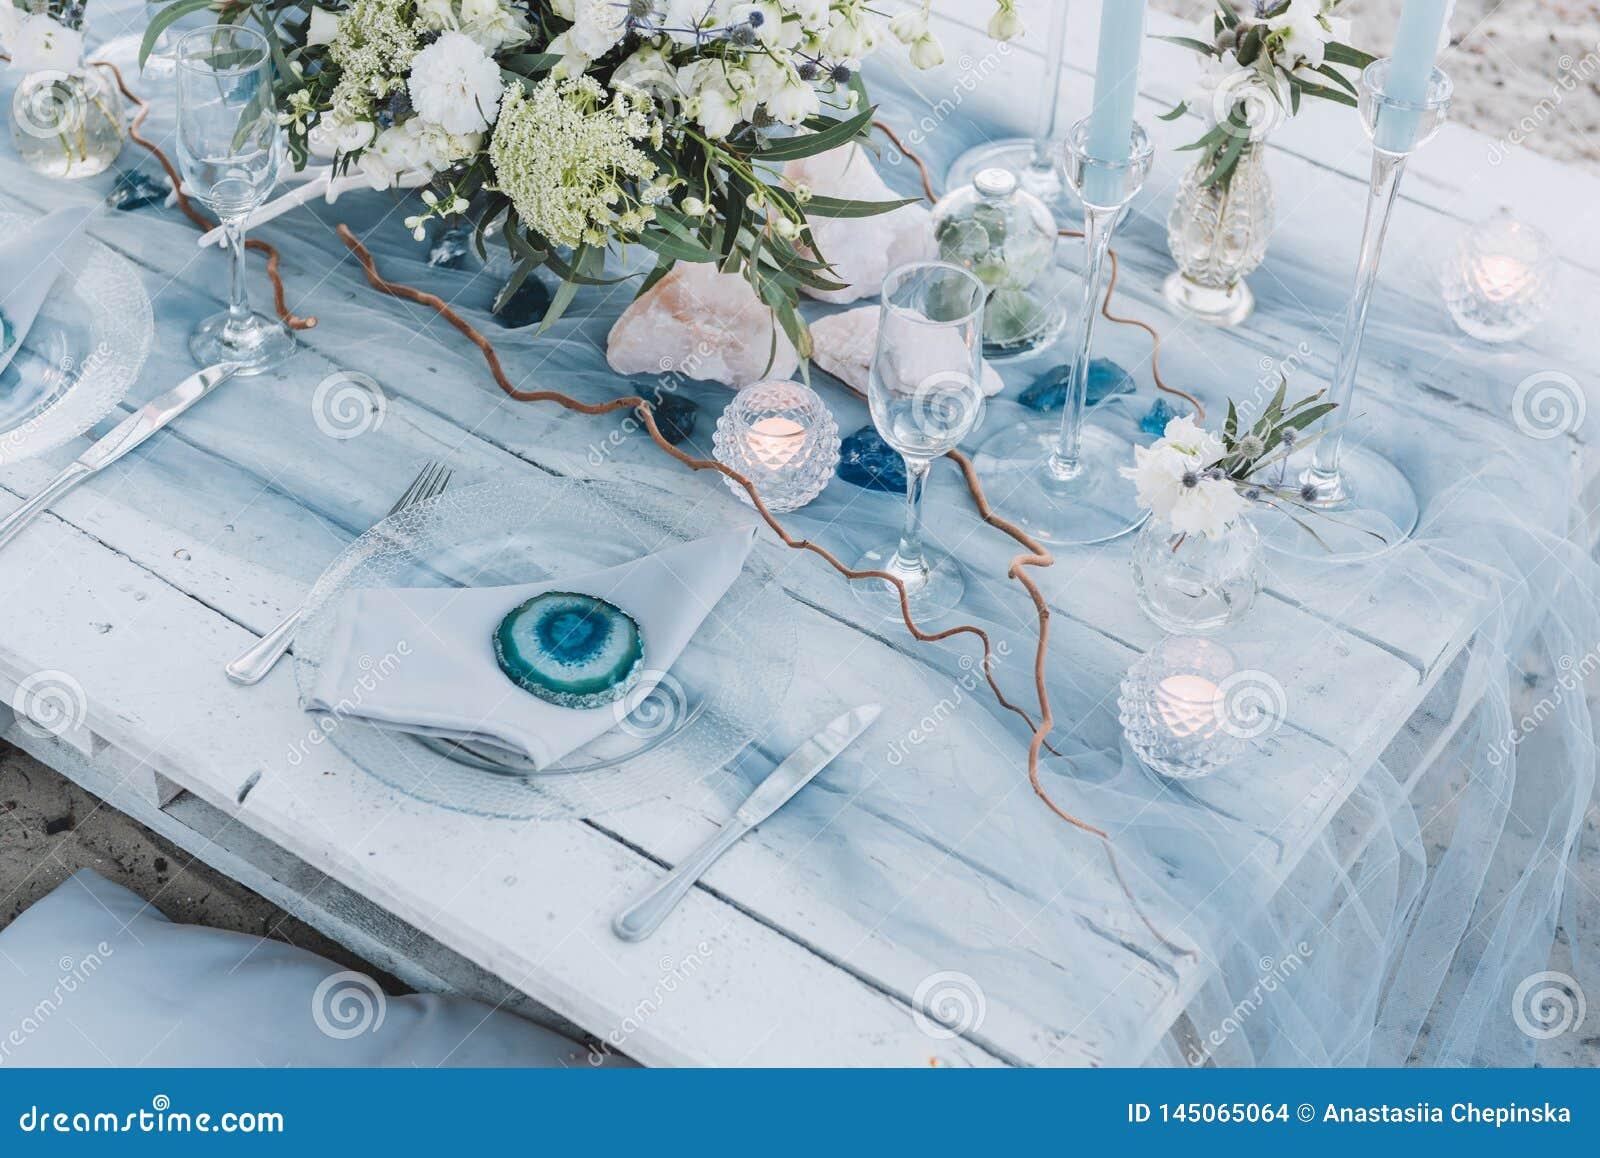 Κομψή επιτραπέζια οργάνωση στις μπλε κρητιδογραφίες για έναν γάμο παρ